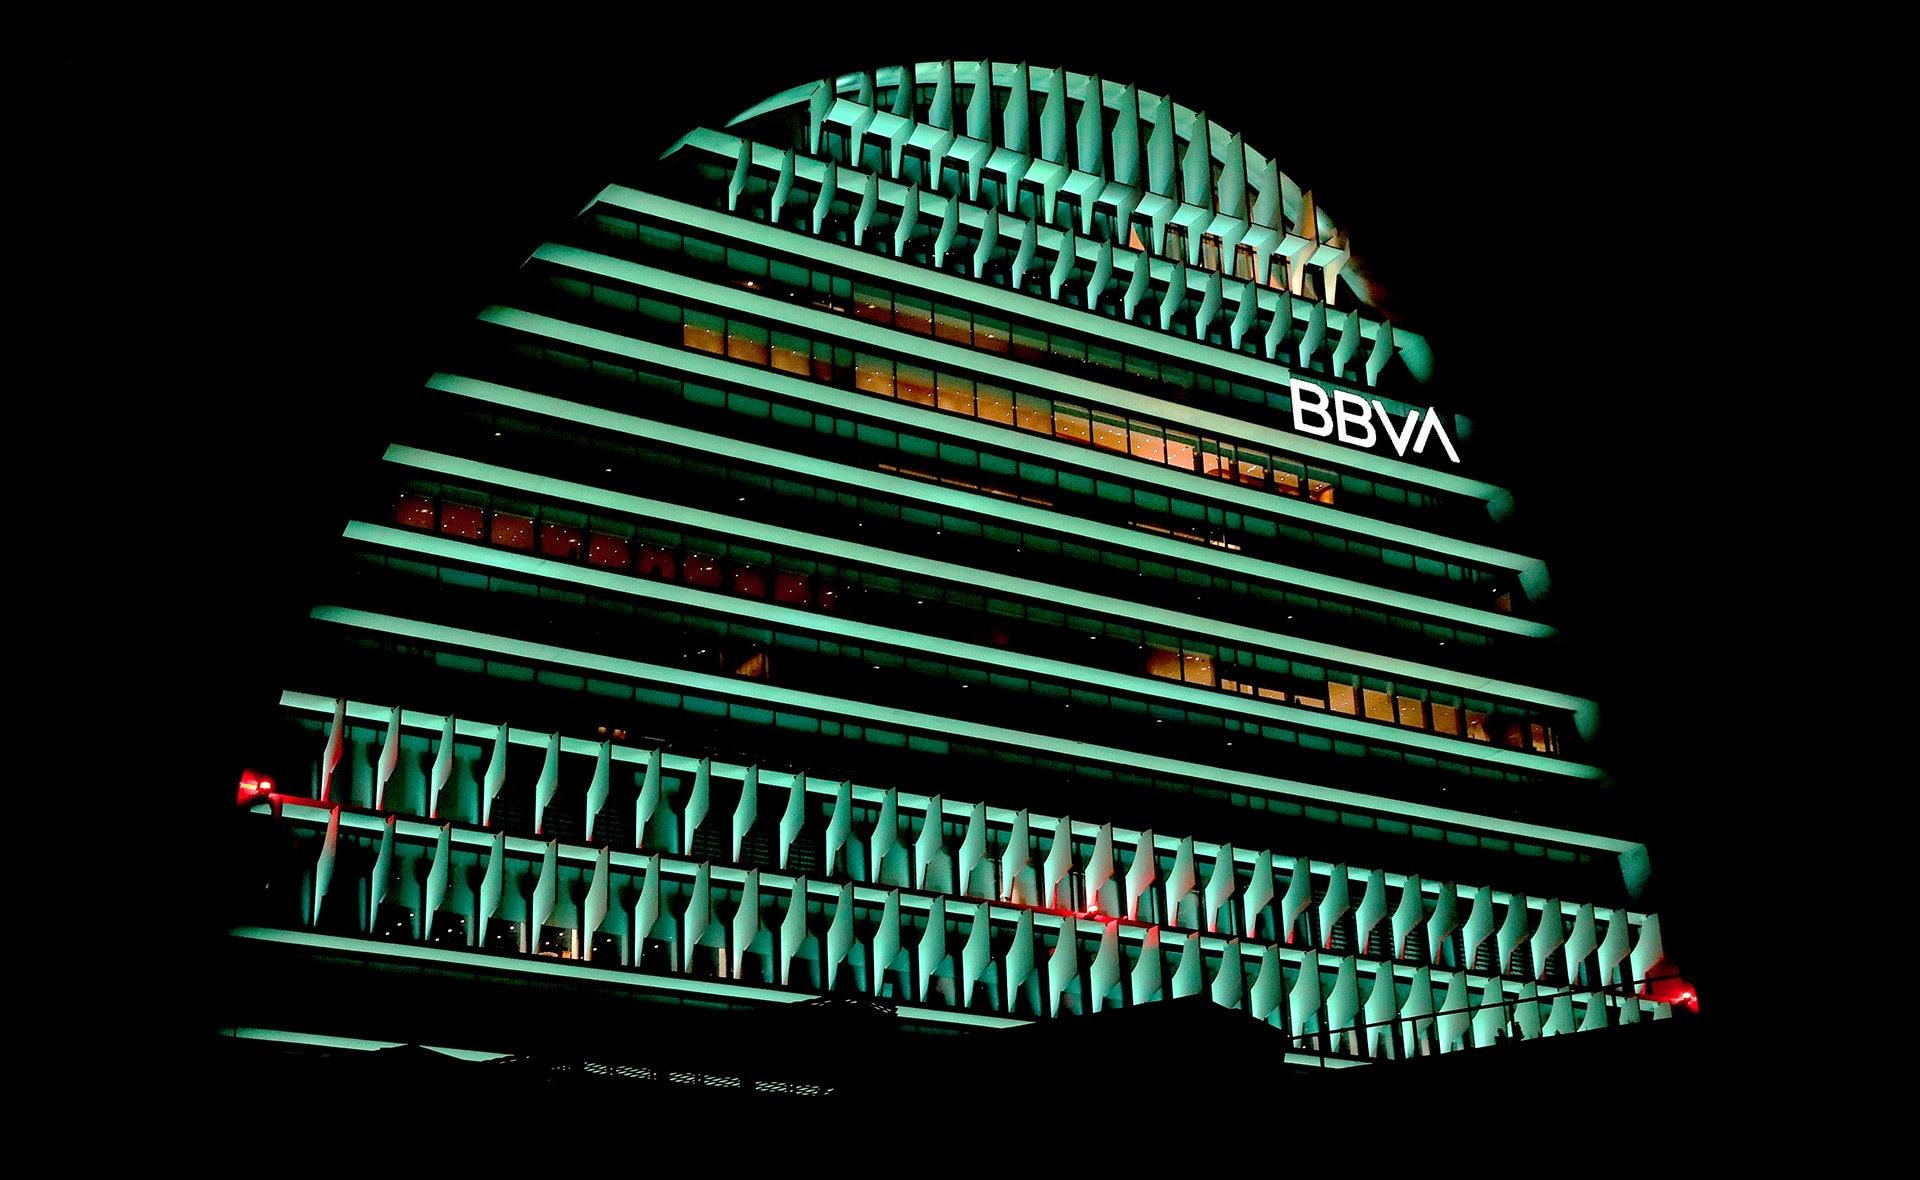 BBVA-catalogo-productos-sostenibles-vela-verde